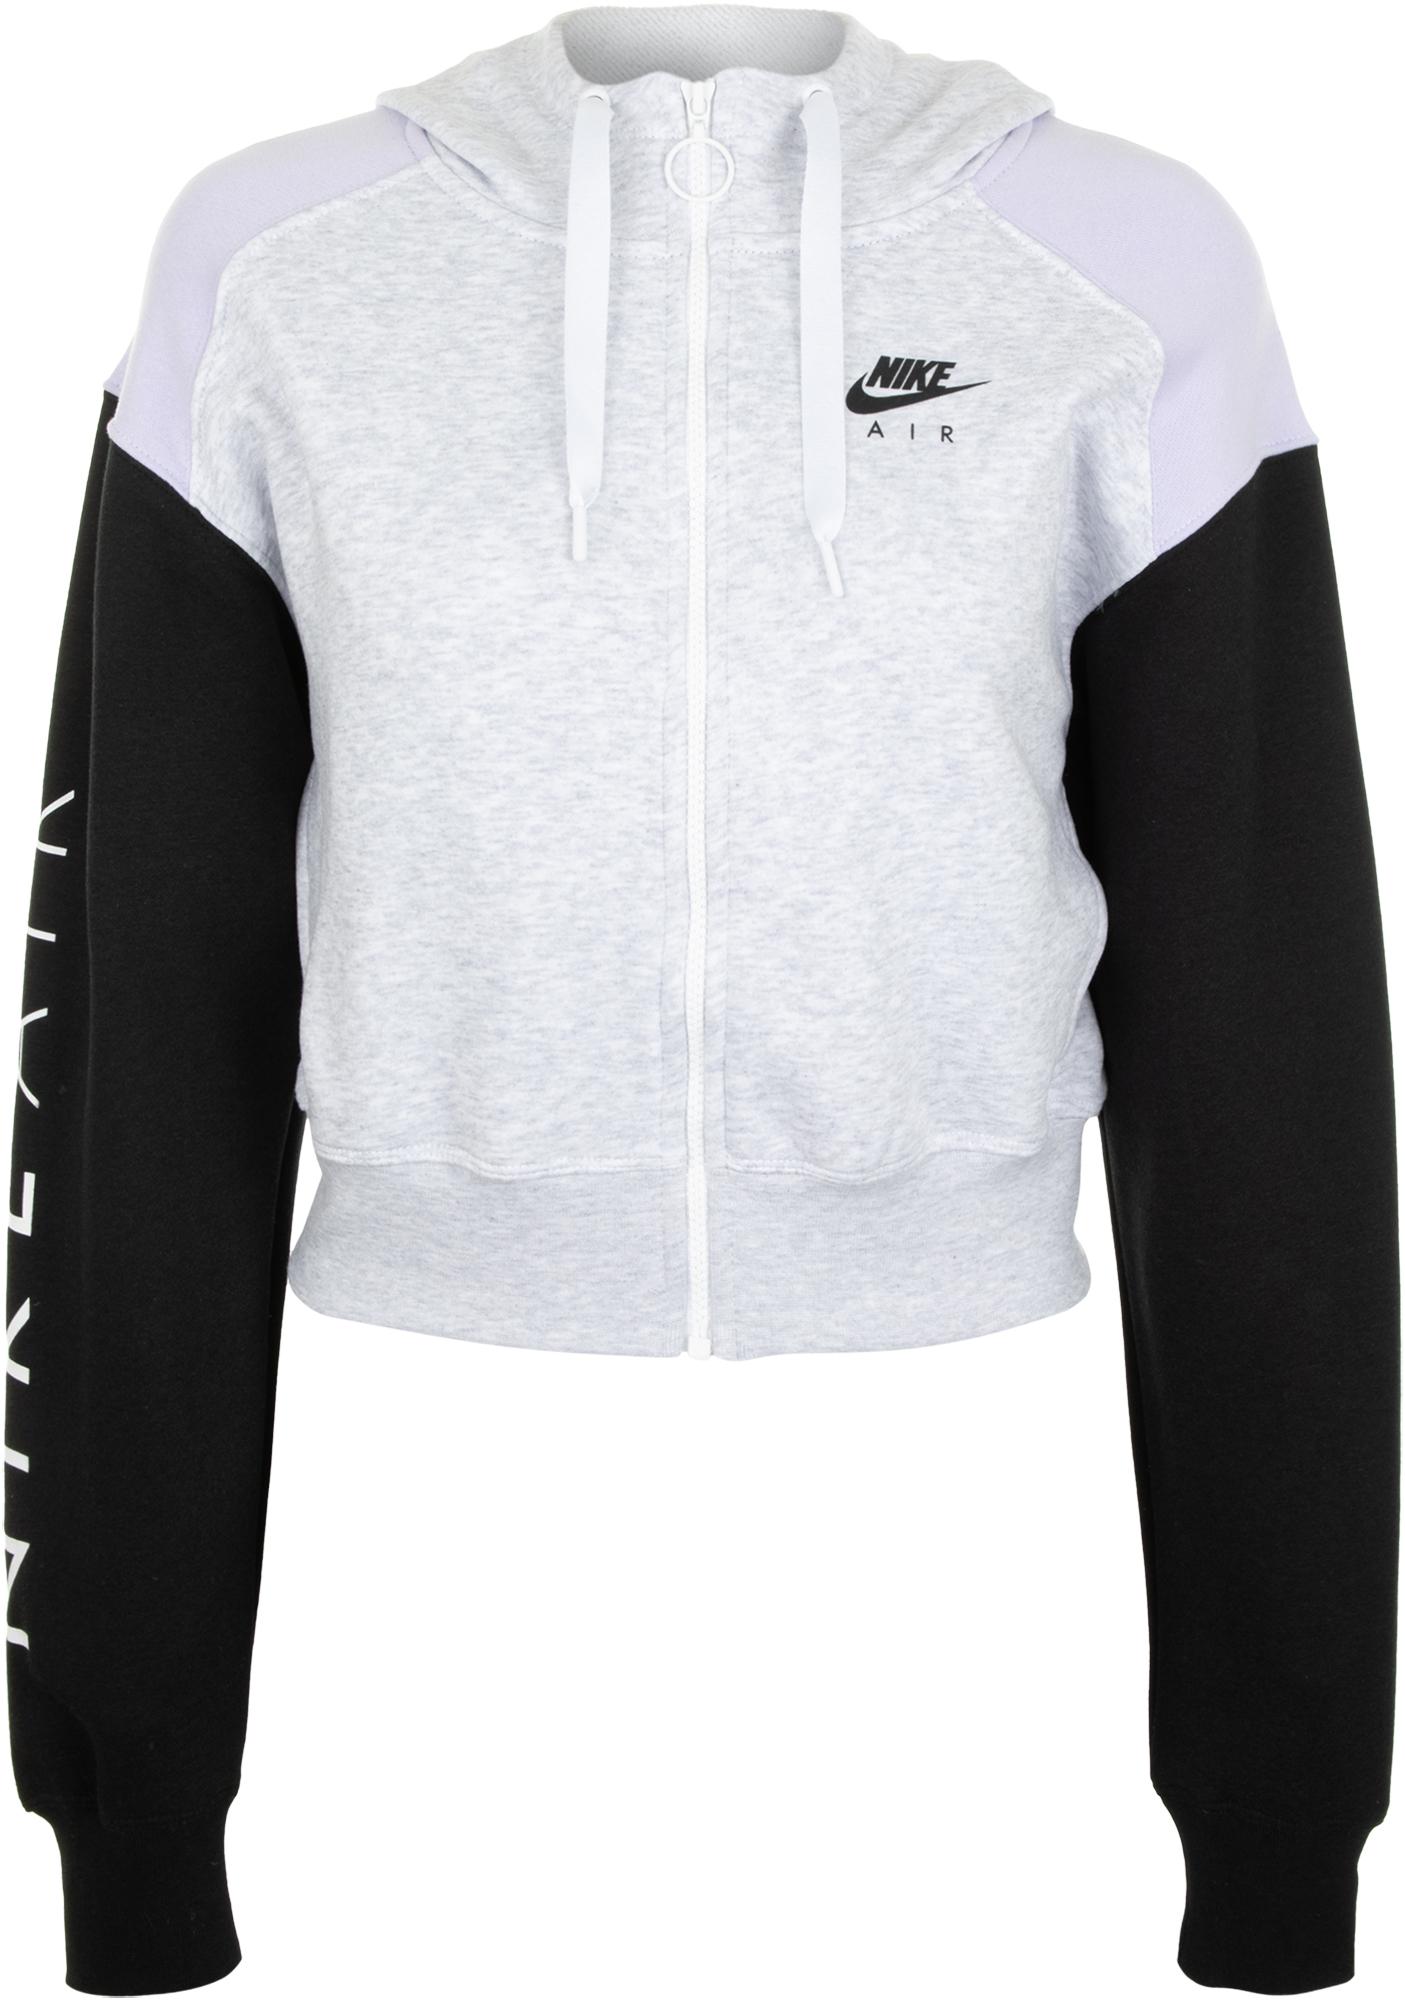 Nike Толстовка женская Nike Air, размер 40-42 цена